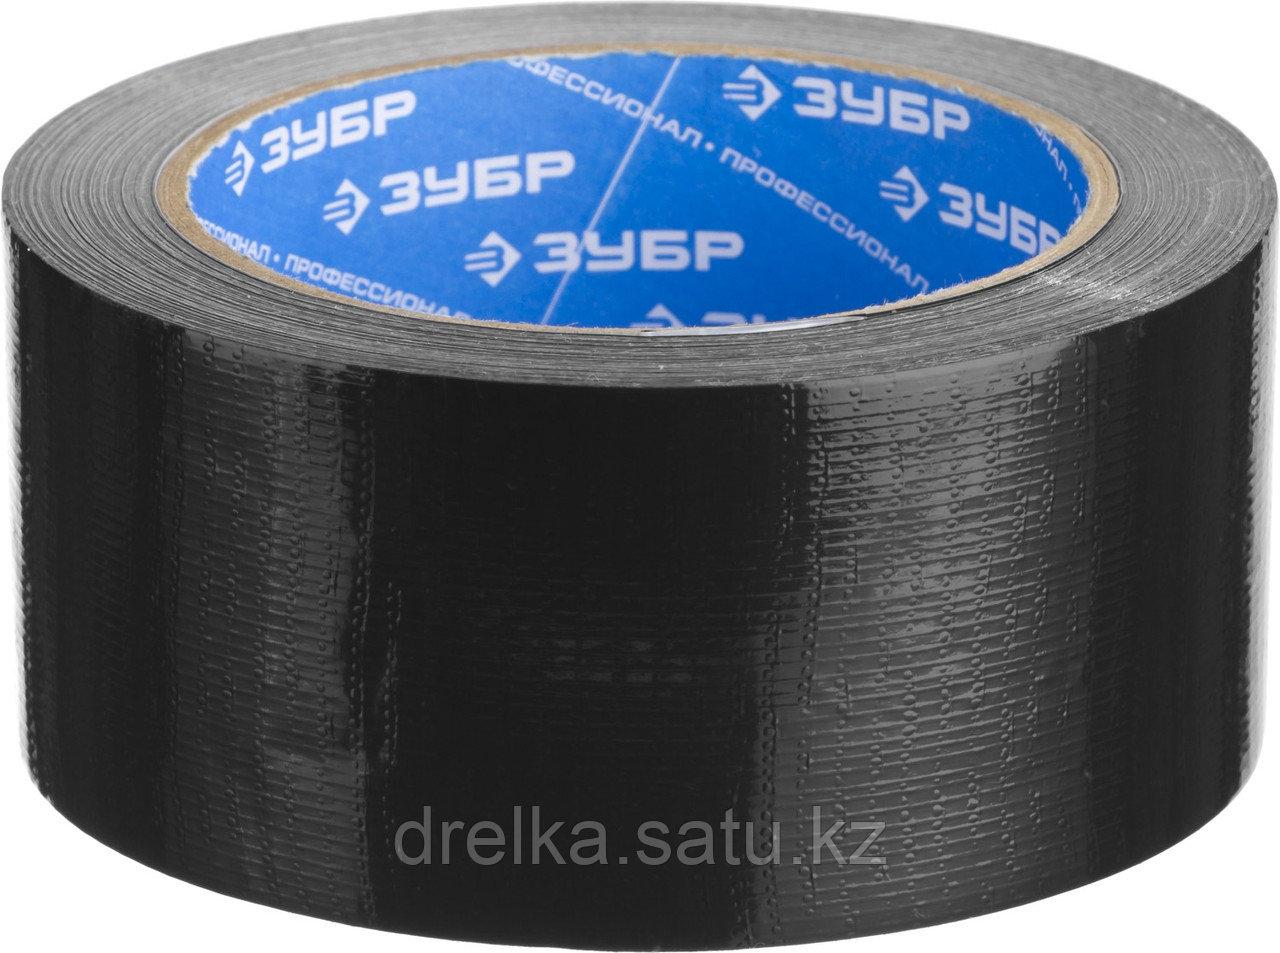 Армированная лента, ЗУБР Профессионал 12096-50-10, универсальная, влагостойкая, 48мм х 10м, черная